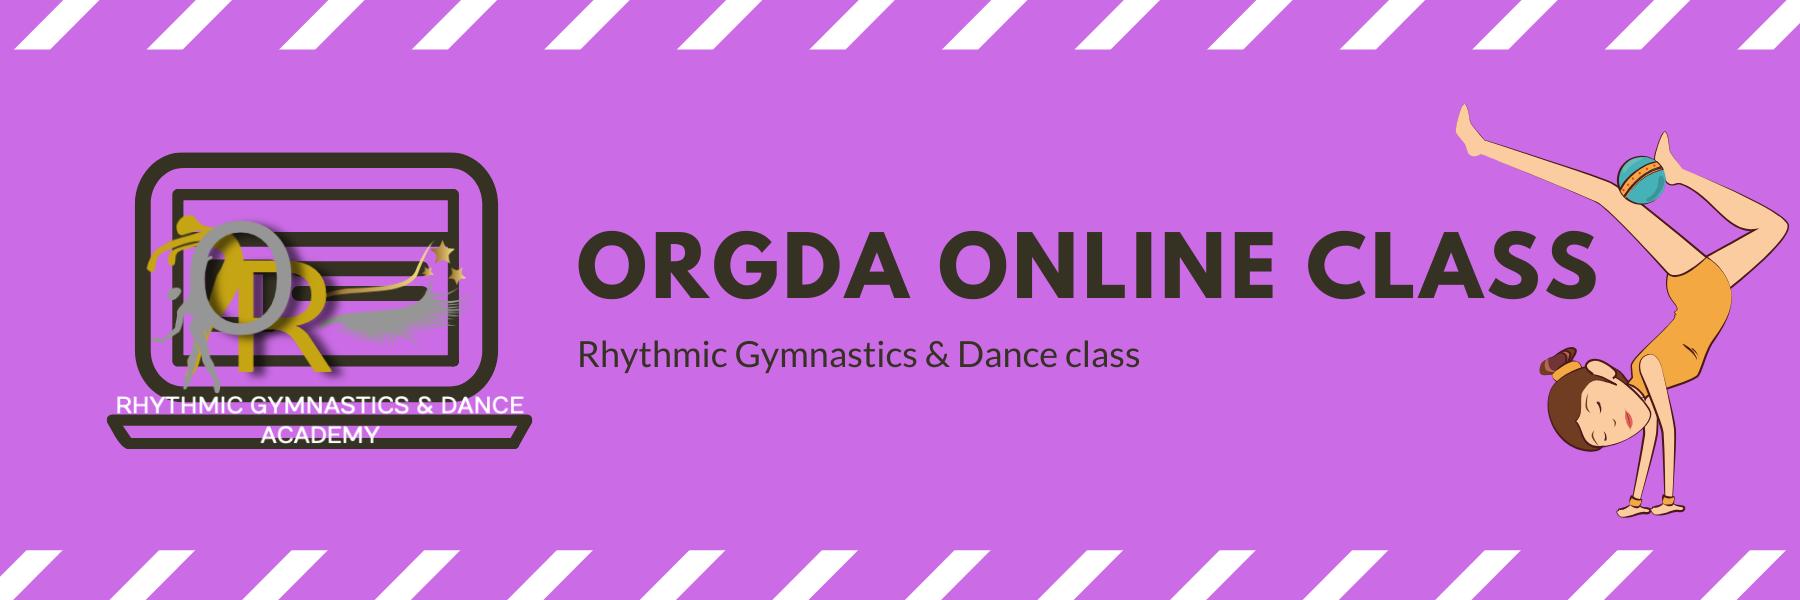 Trial Online Rhythmic & Dance class